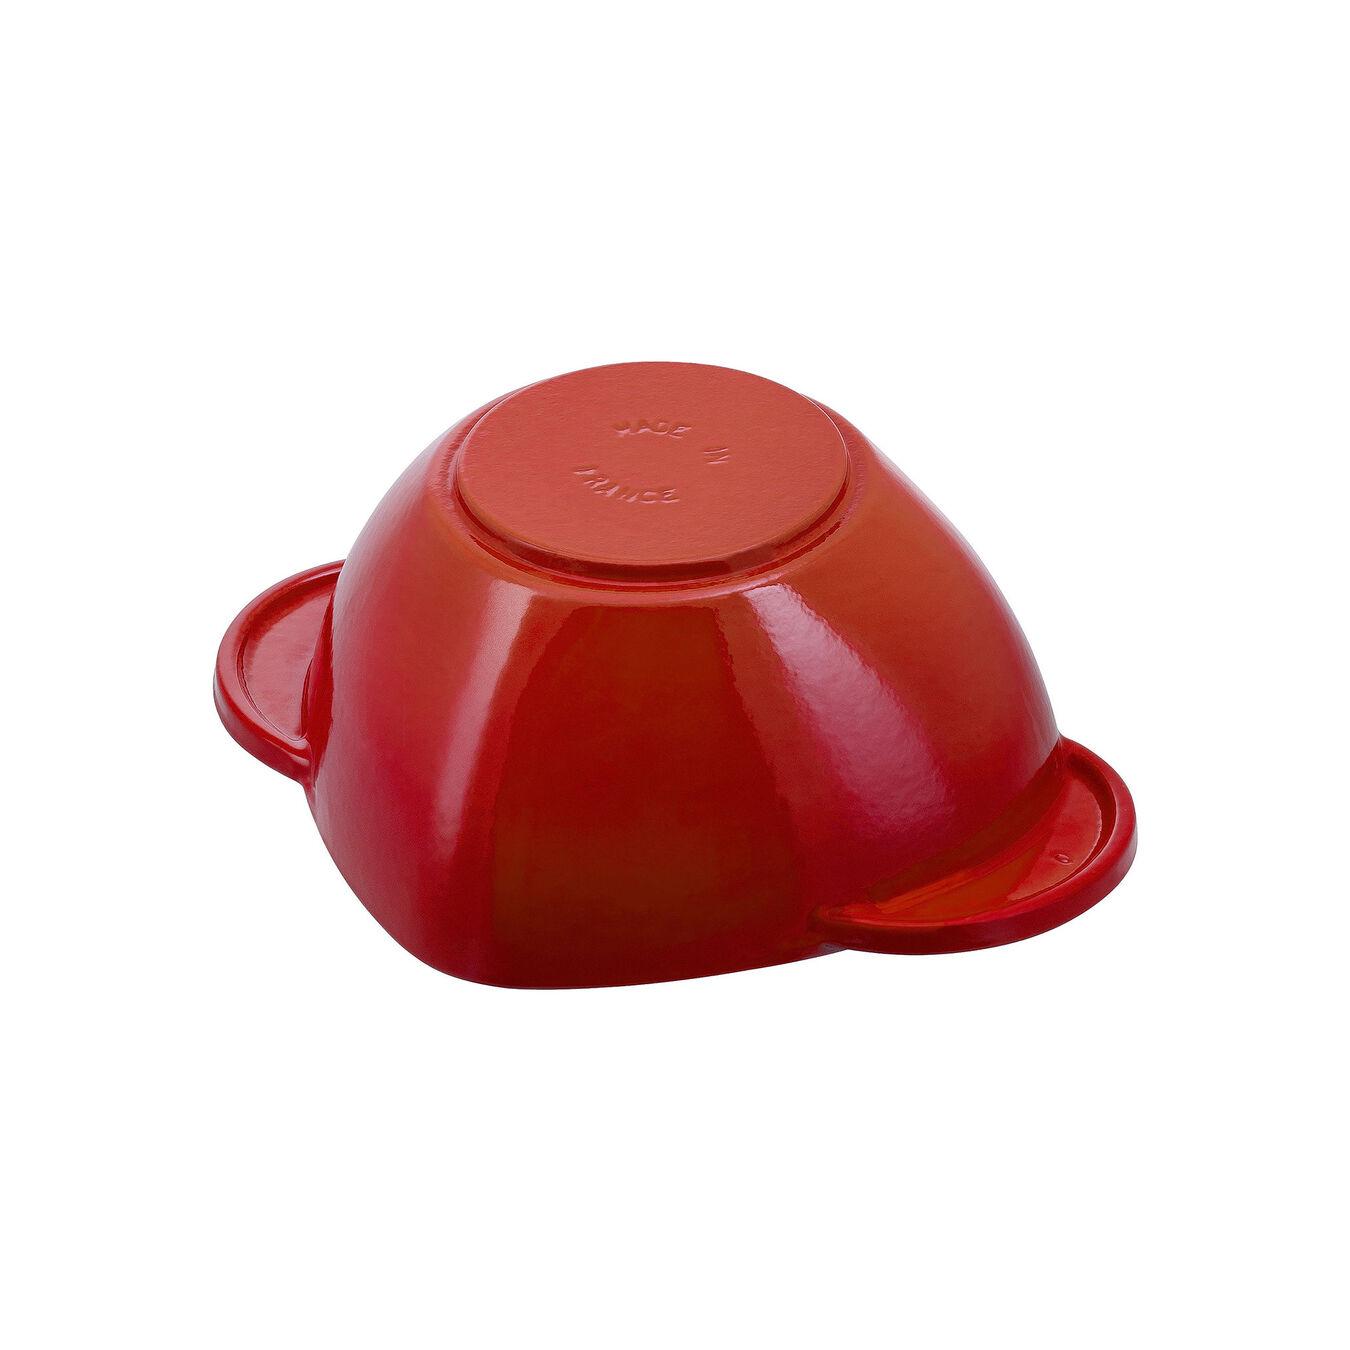 Caçarola 20 cm, coração, Vermelho cereja, Ferro fundido,,large 4